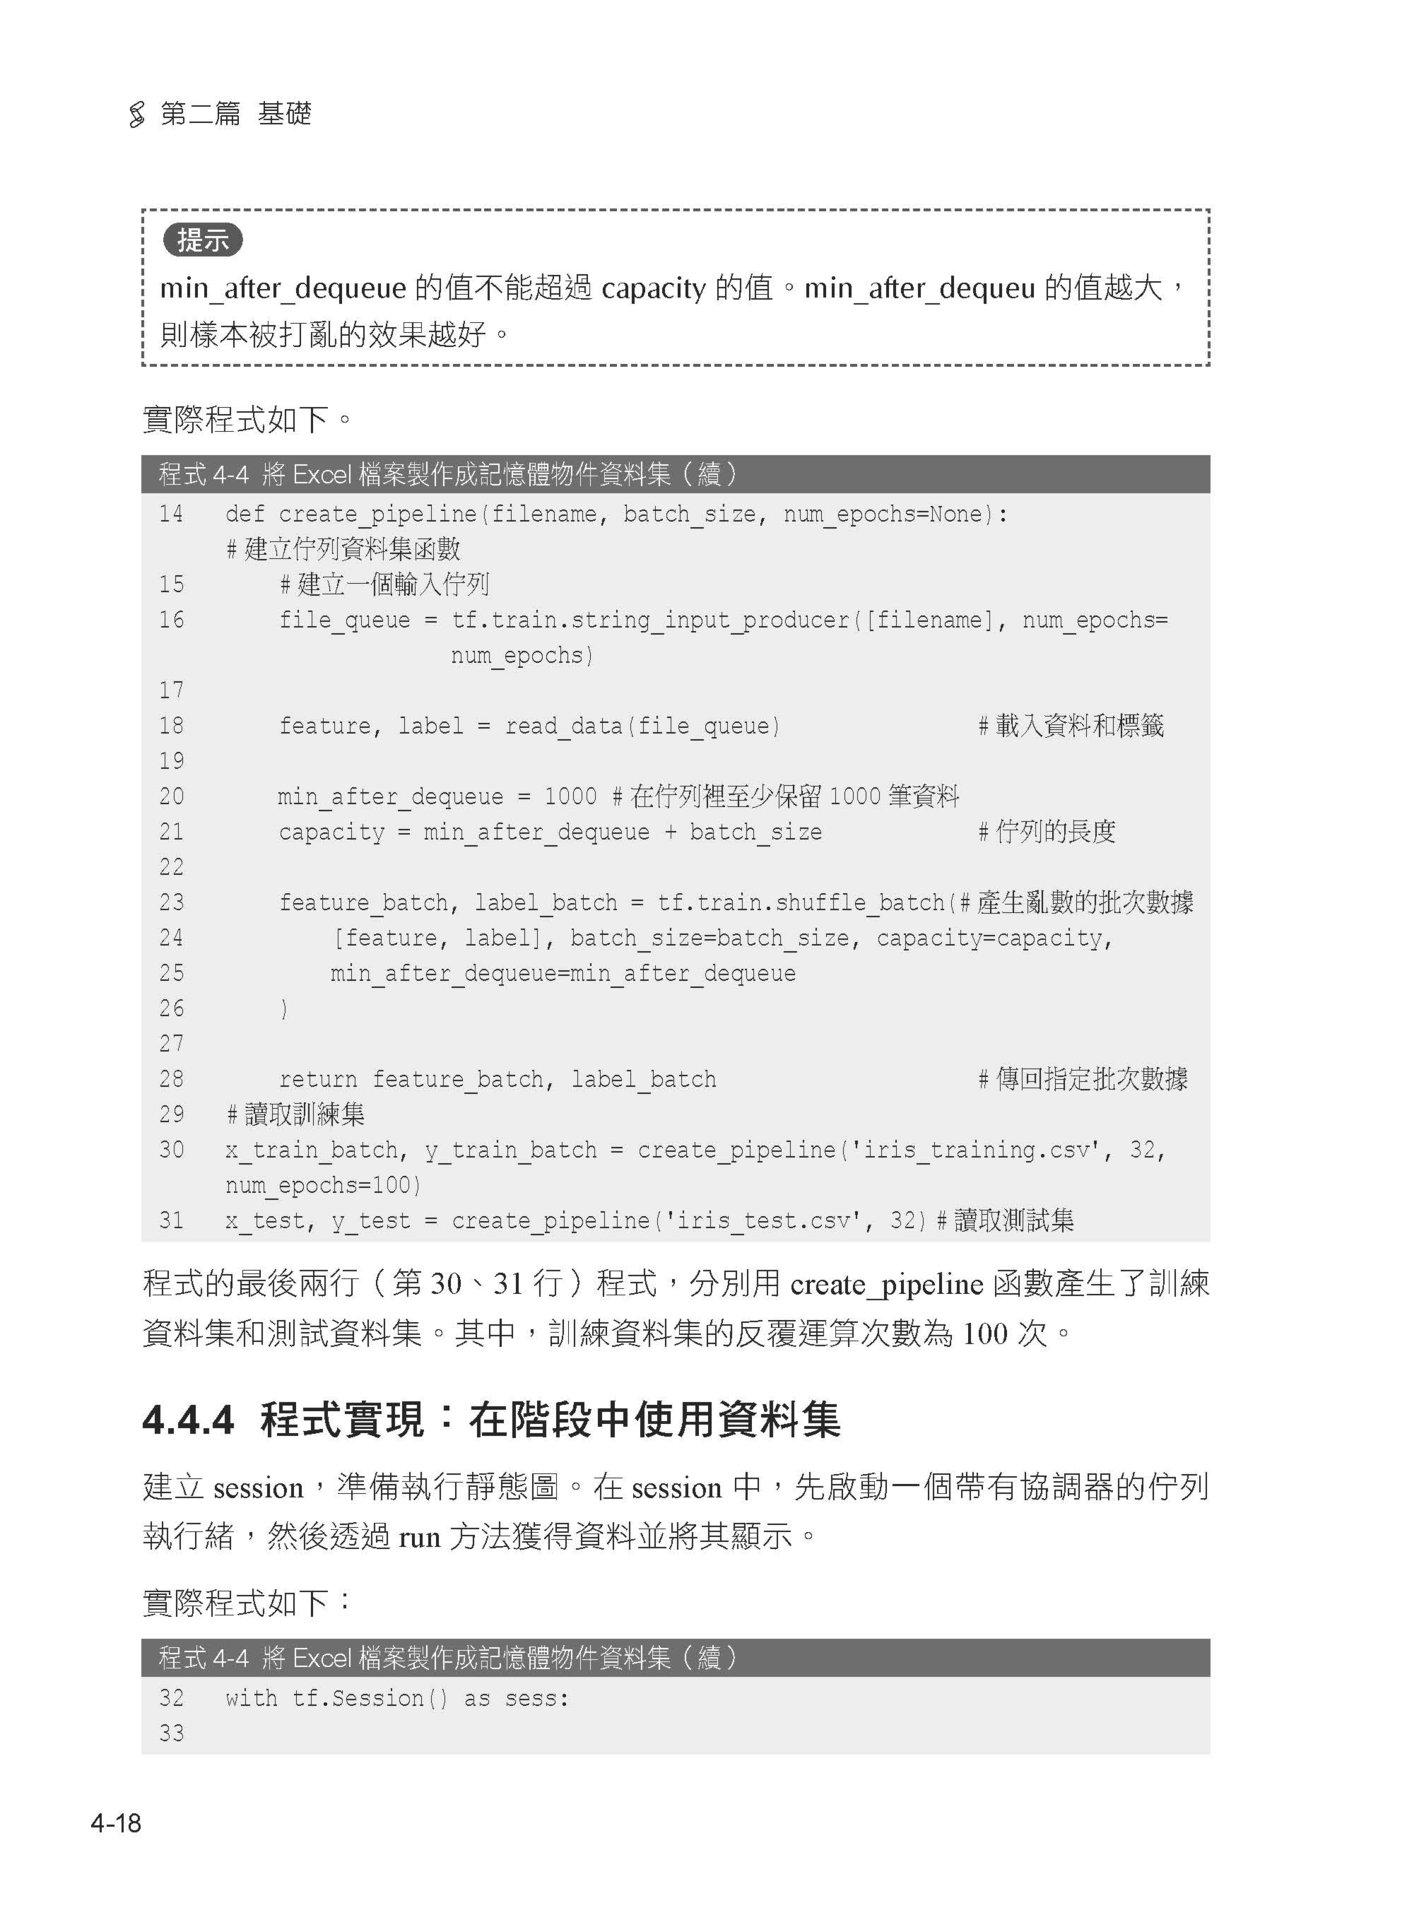 極詳細 + 超深入:最新版 TensorFlow 1.x/2.x 完整工程實作-preview-6